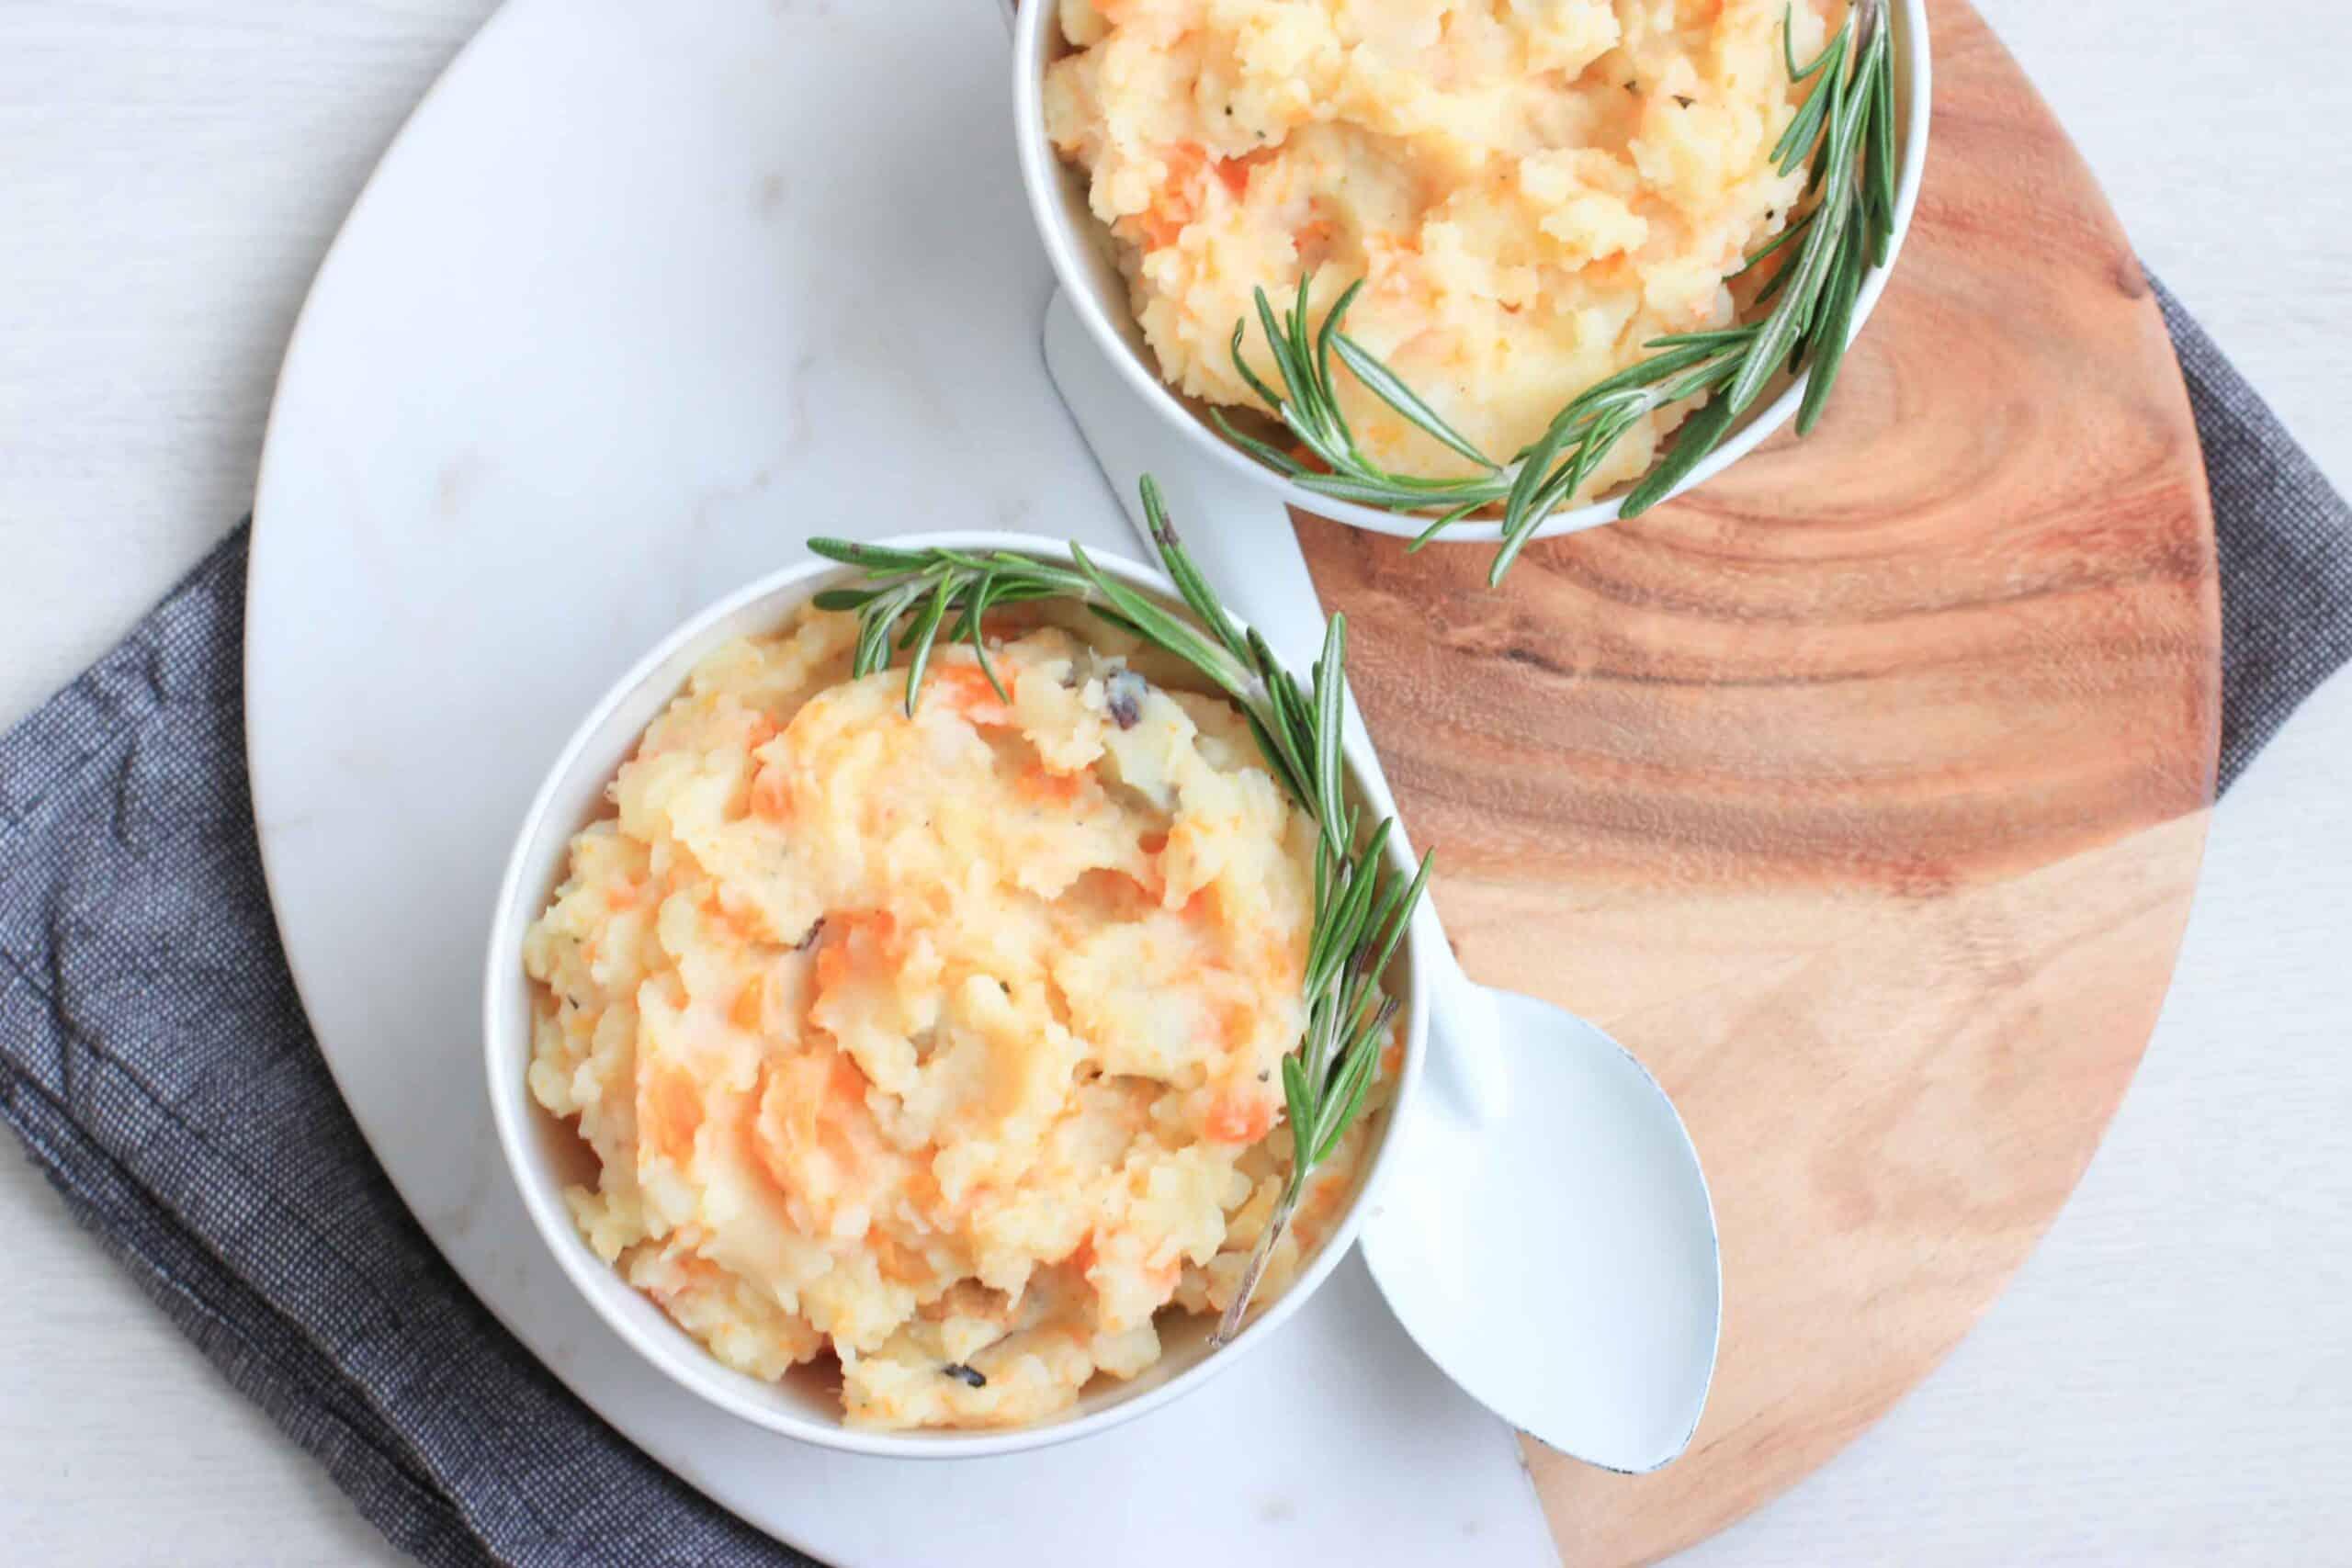 winter-stamppot-puree-pastinaak-aardappel-wortel-4